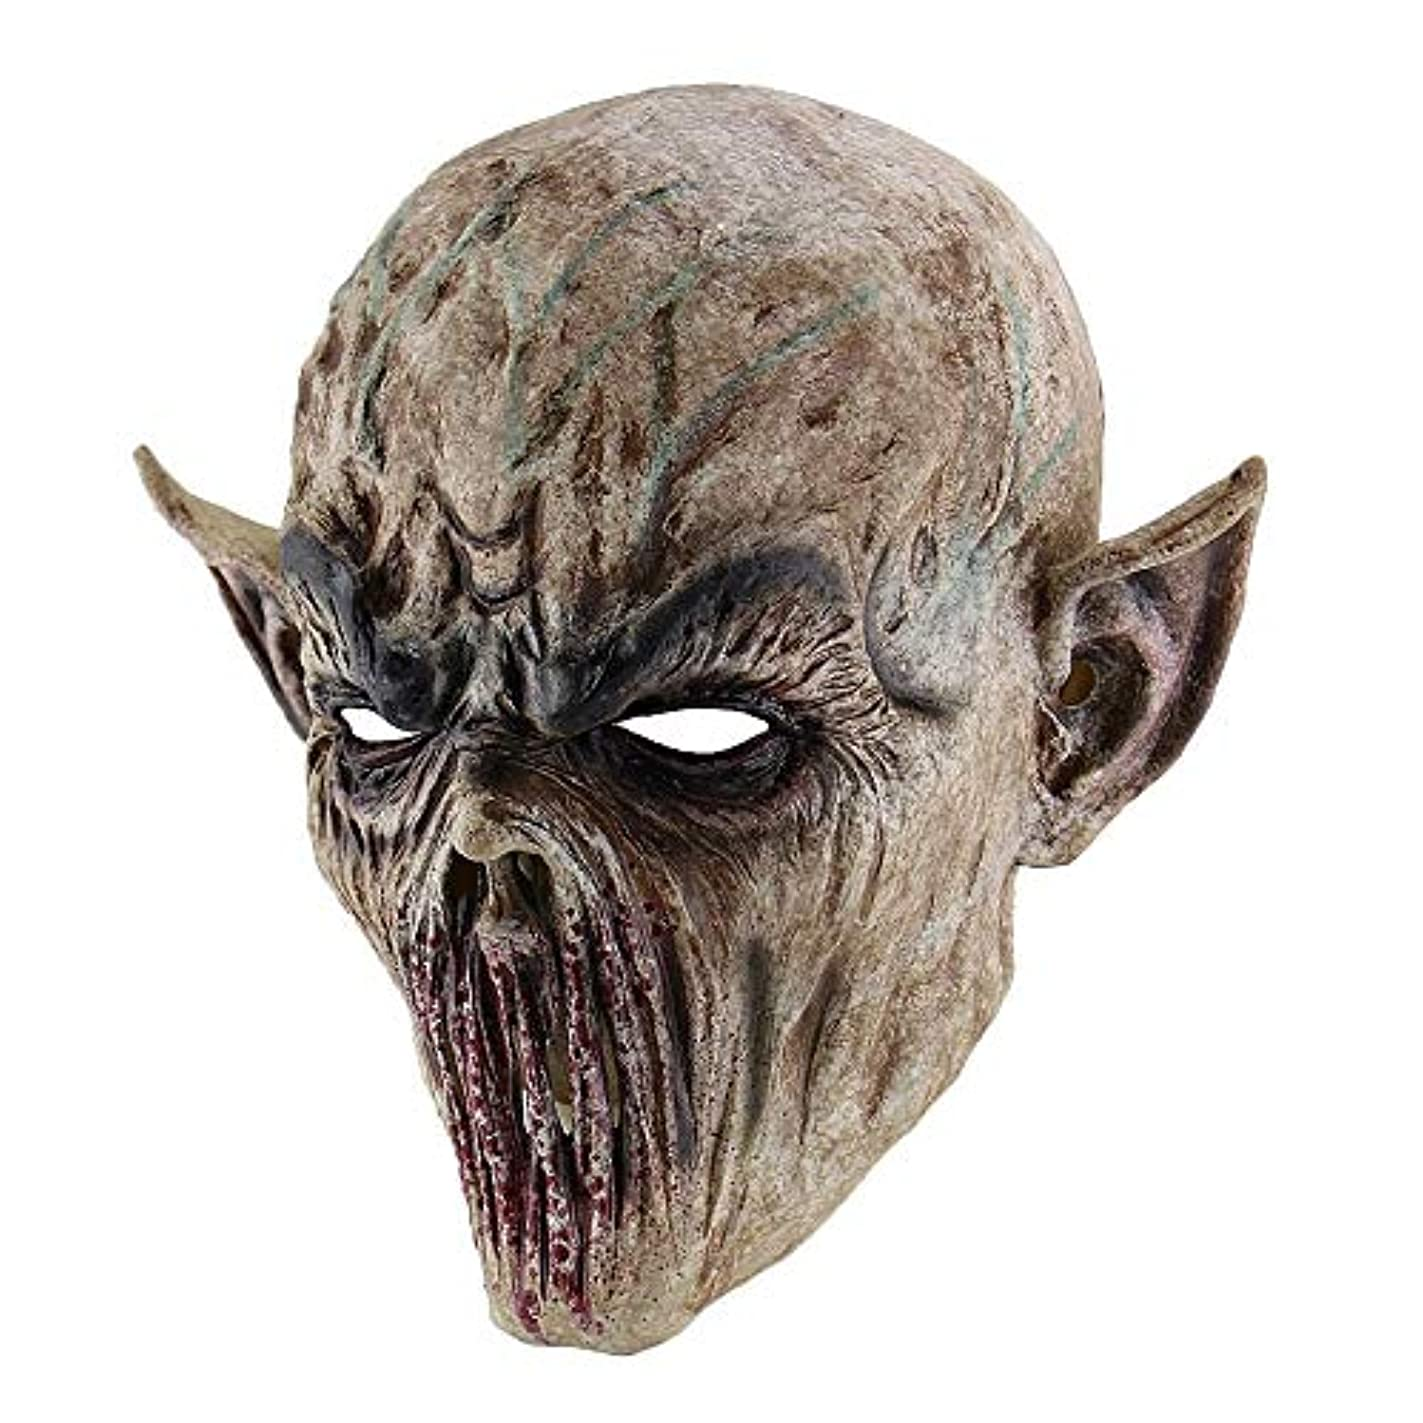 ピッチャー高度なモナリザ不気味な怖いハロウィーン不気味なラテックスマスク、大人のパーティーコスプレ衣装、仮装衣装,Zombie